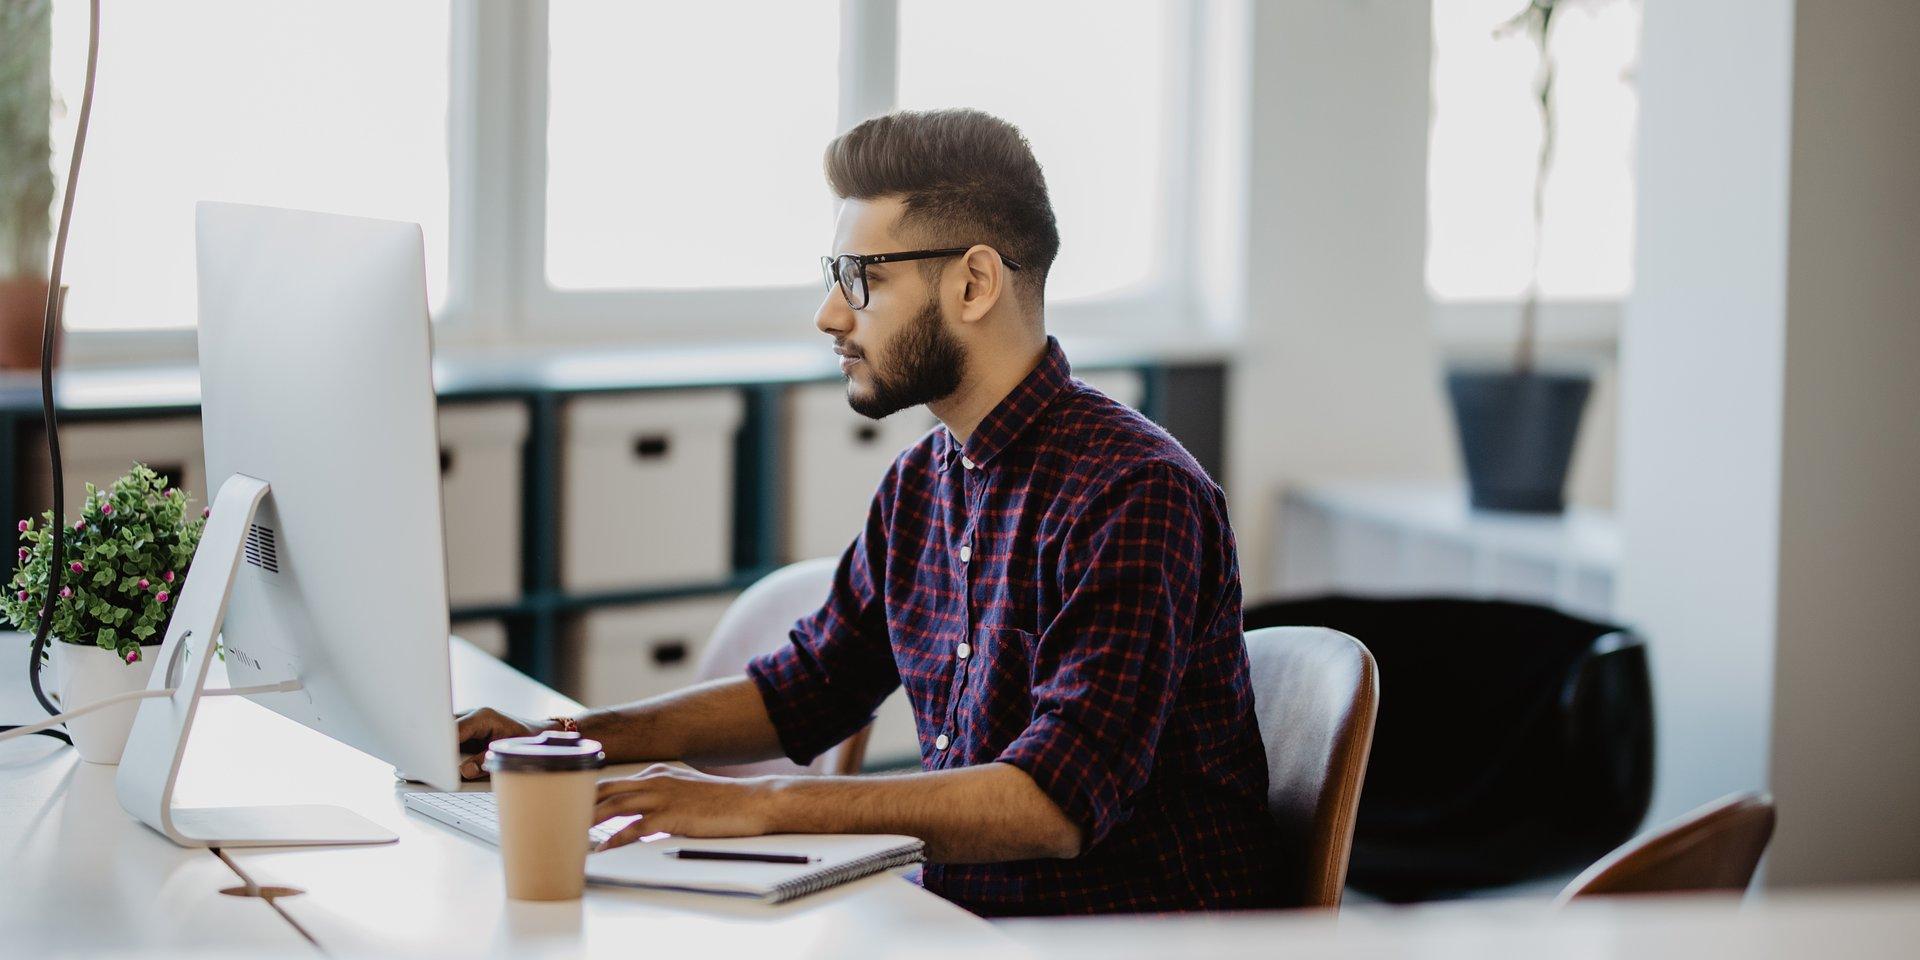 Praca tymczasowa – rozwiązanie awaryjne czy alternatywna ścieżka kariery?